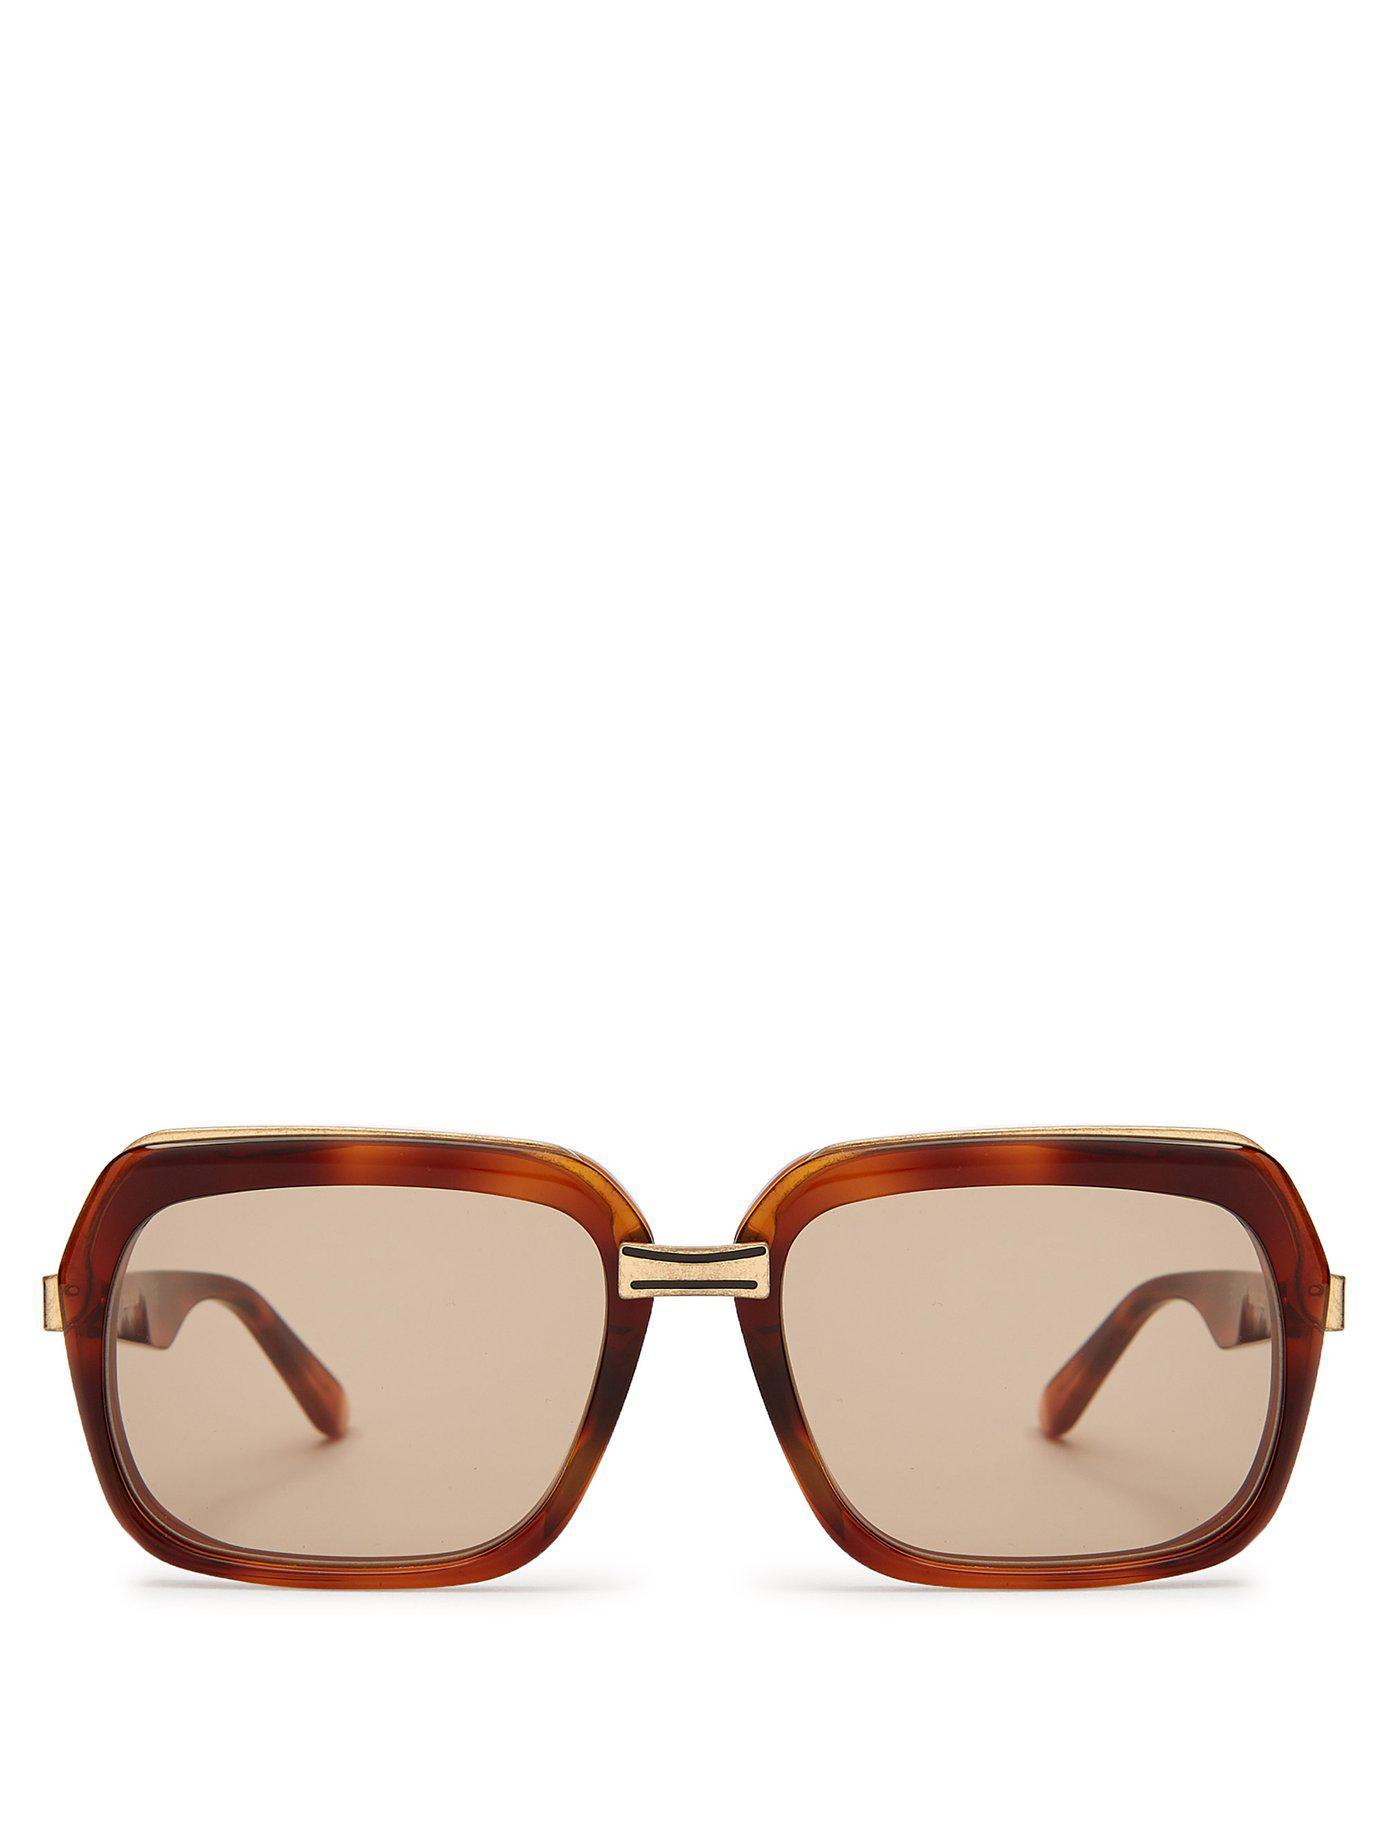 d5d1cec0878 Céline. Women s Oversized Square Frame Acetate Sunglasses